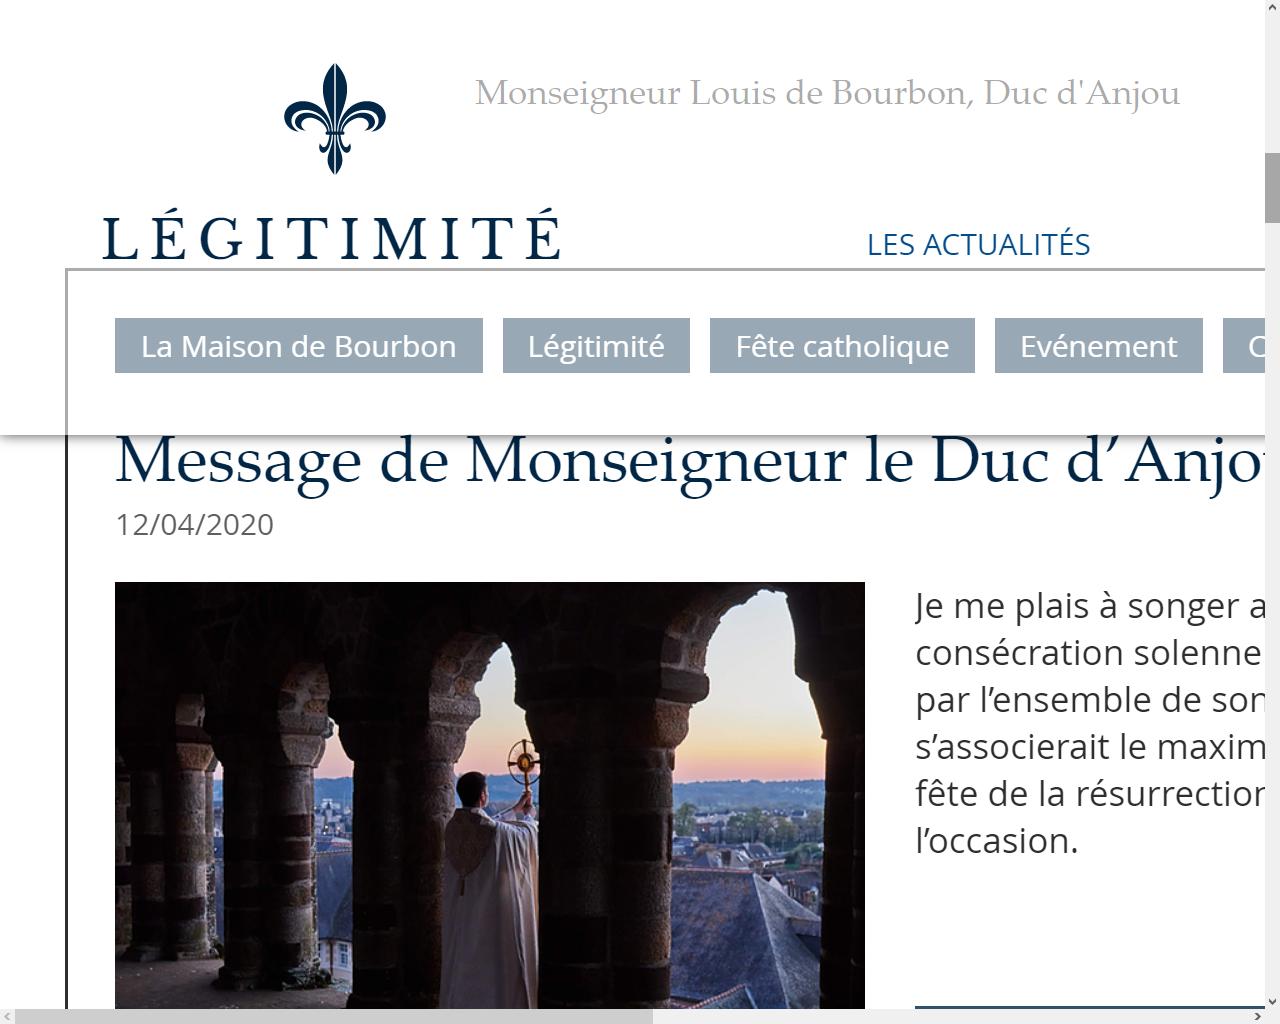 www.legitimite.fr/single-post/2020/04/09/Paques2020